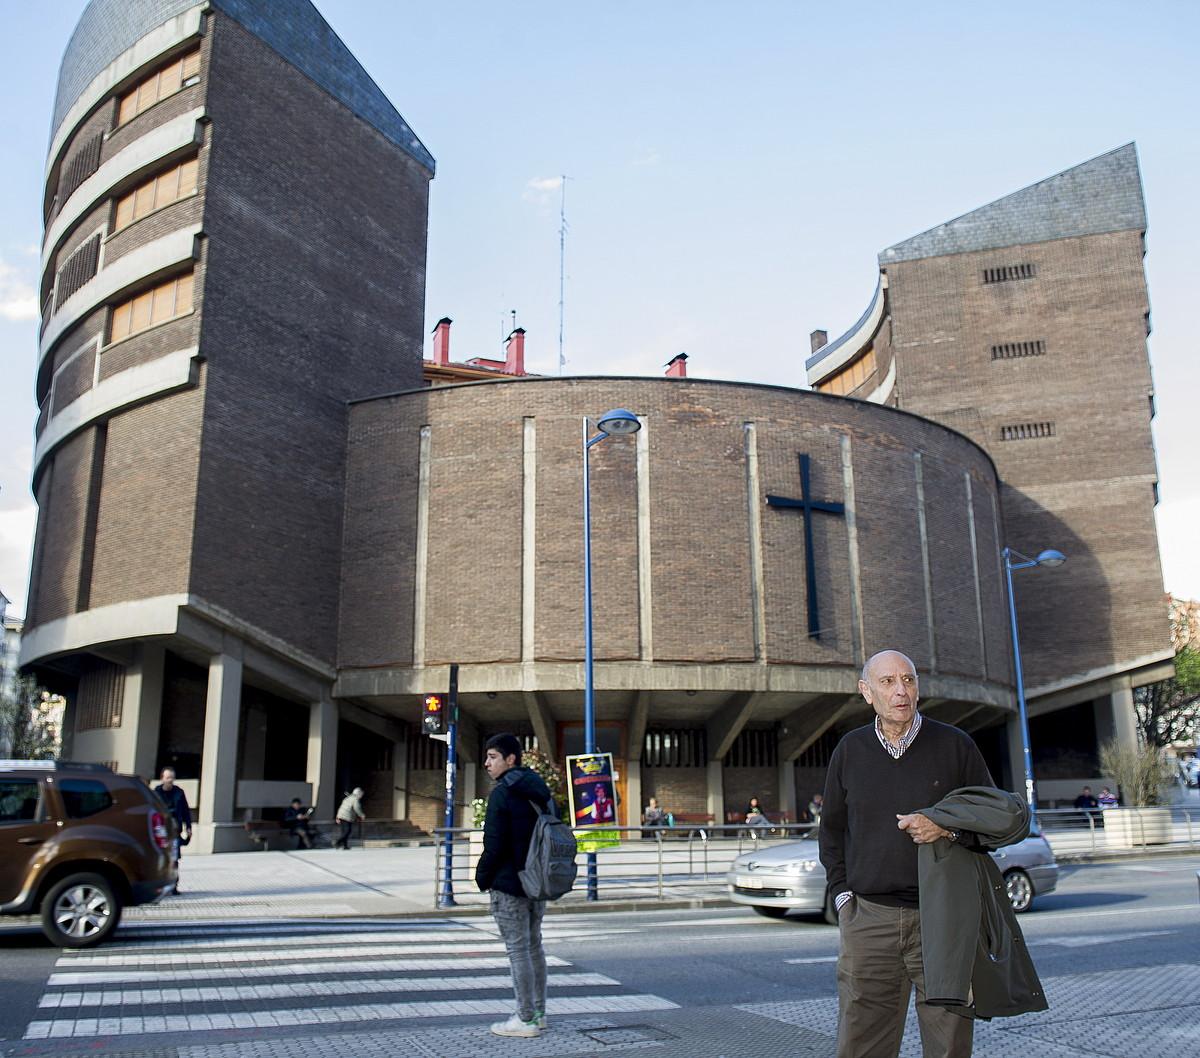 San Jose Langilea.Jose Javier Uranga arkitektoa, 1968tik 1971ra Errenterian (Gipuzkoa) egin zuen elizaren aurrean.